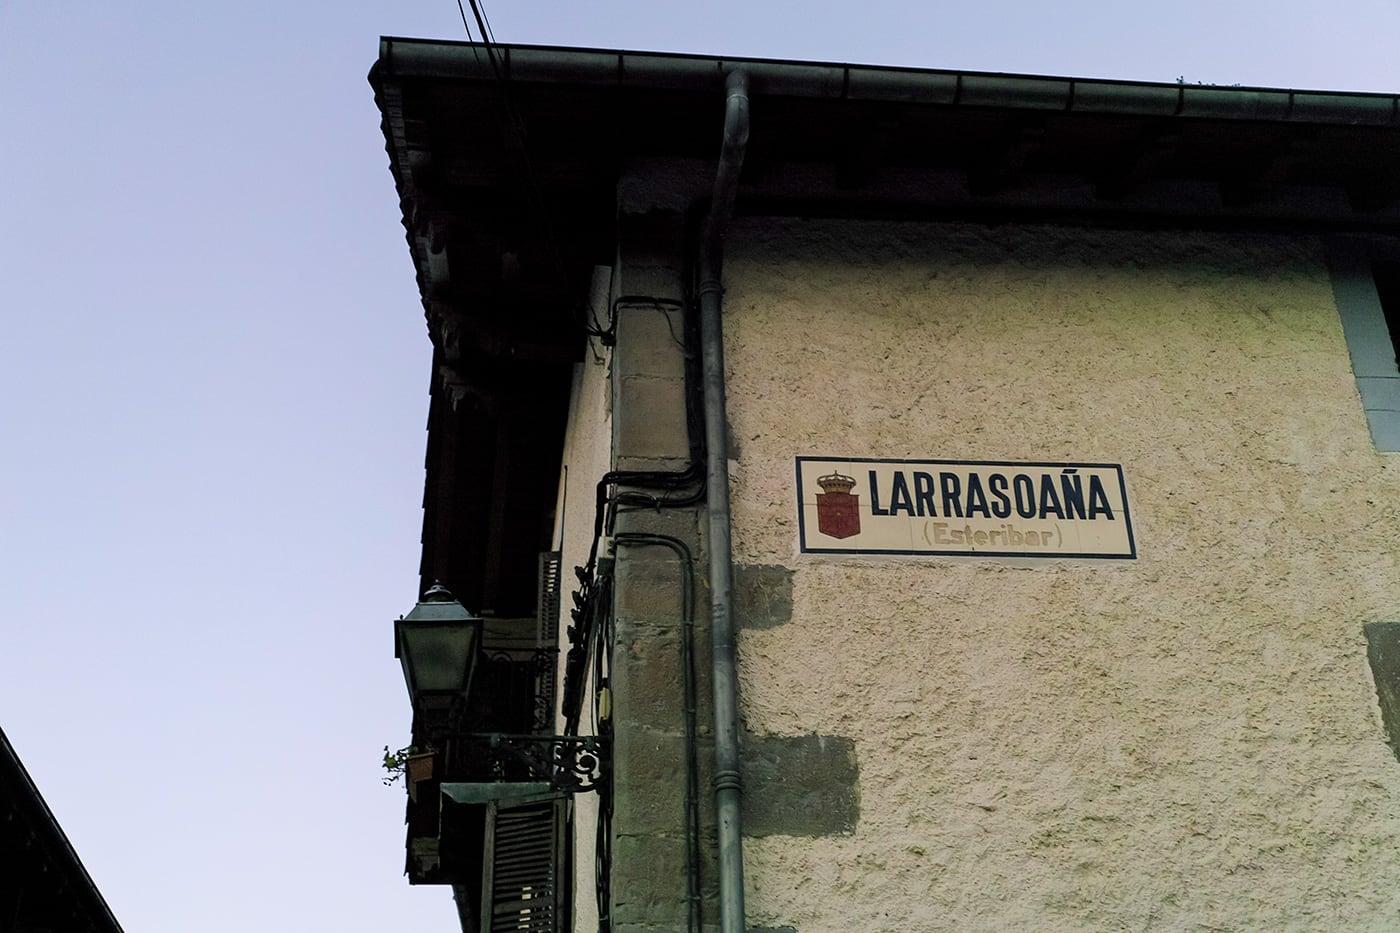 Larrasoana